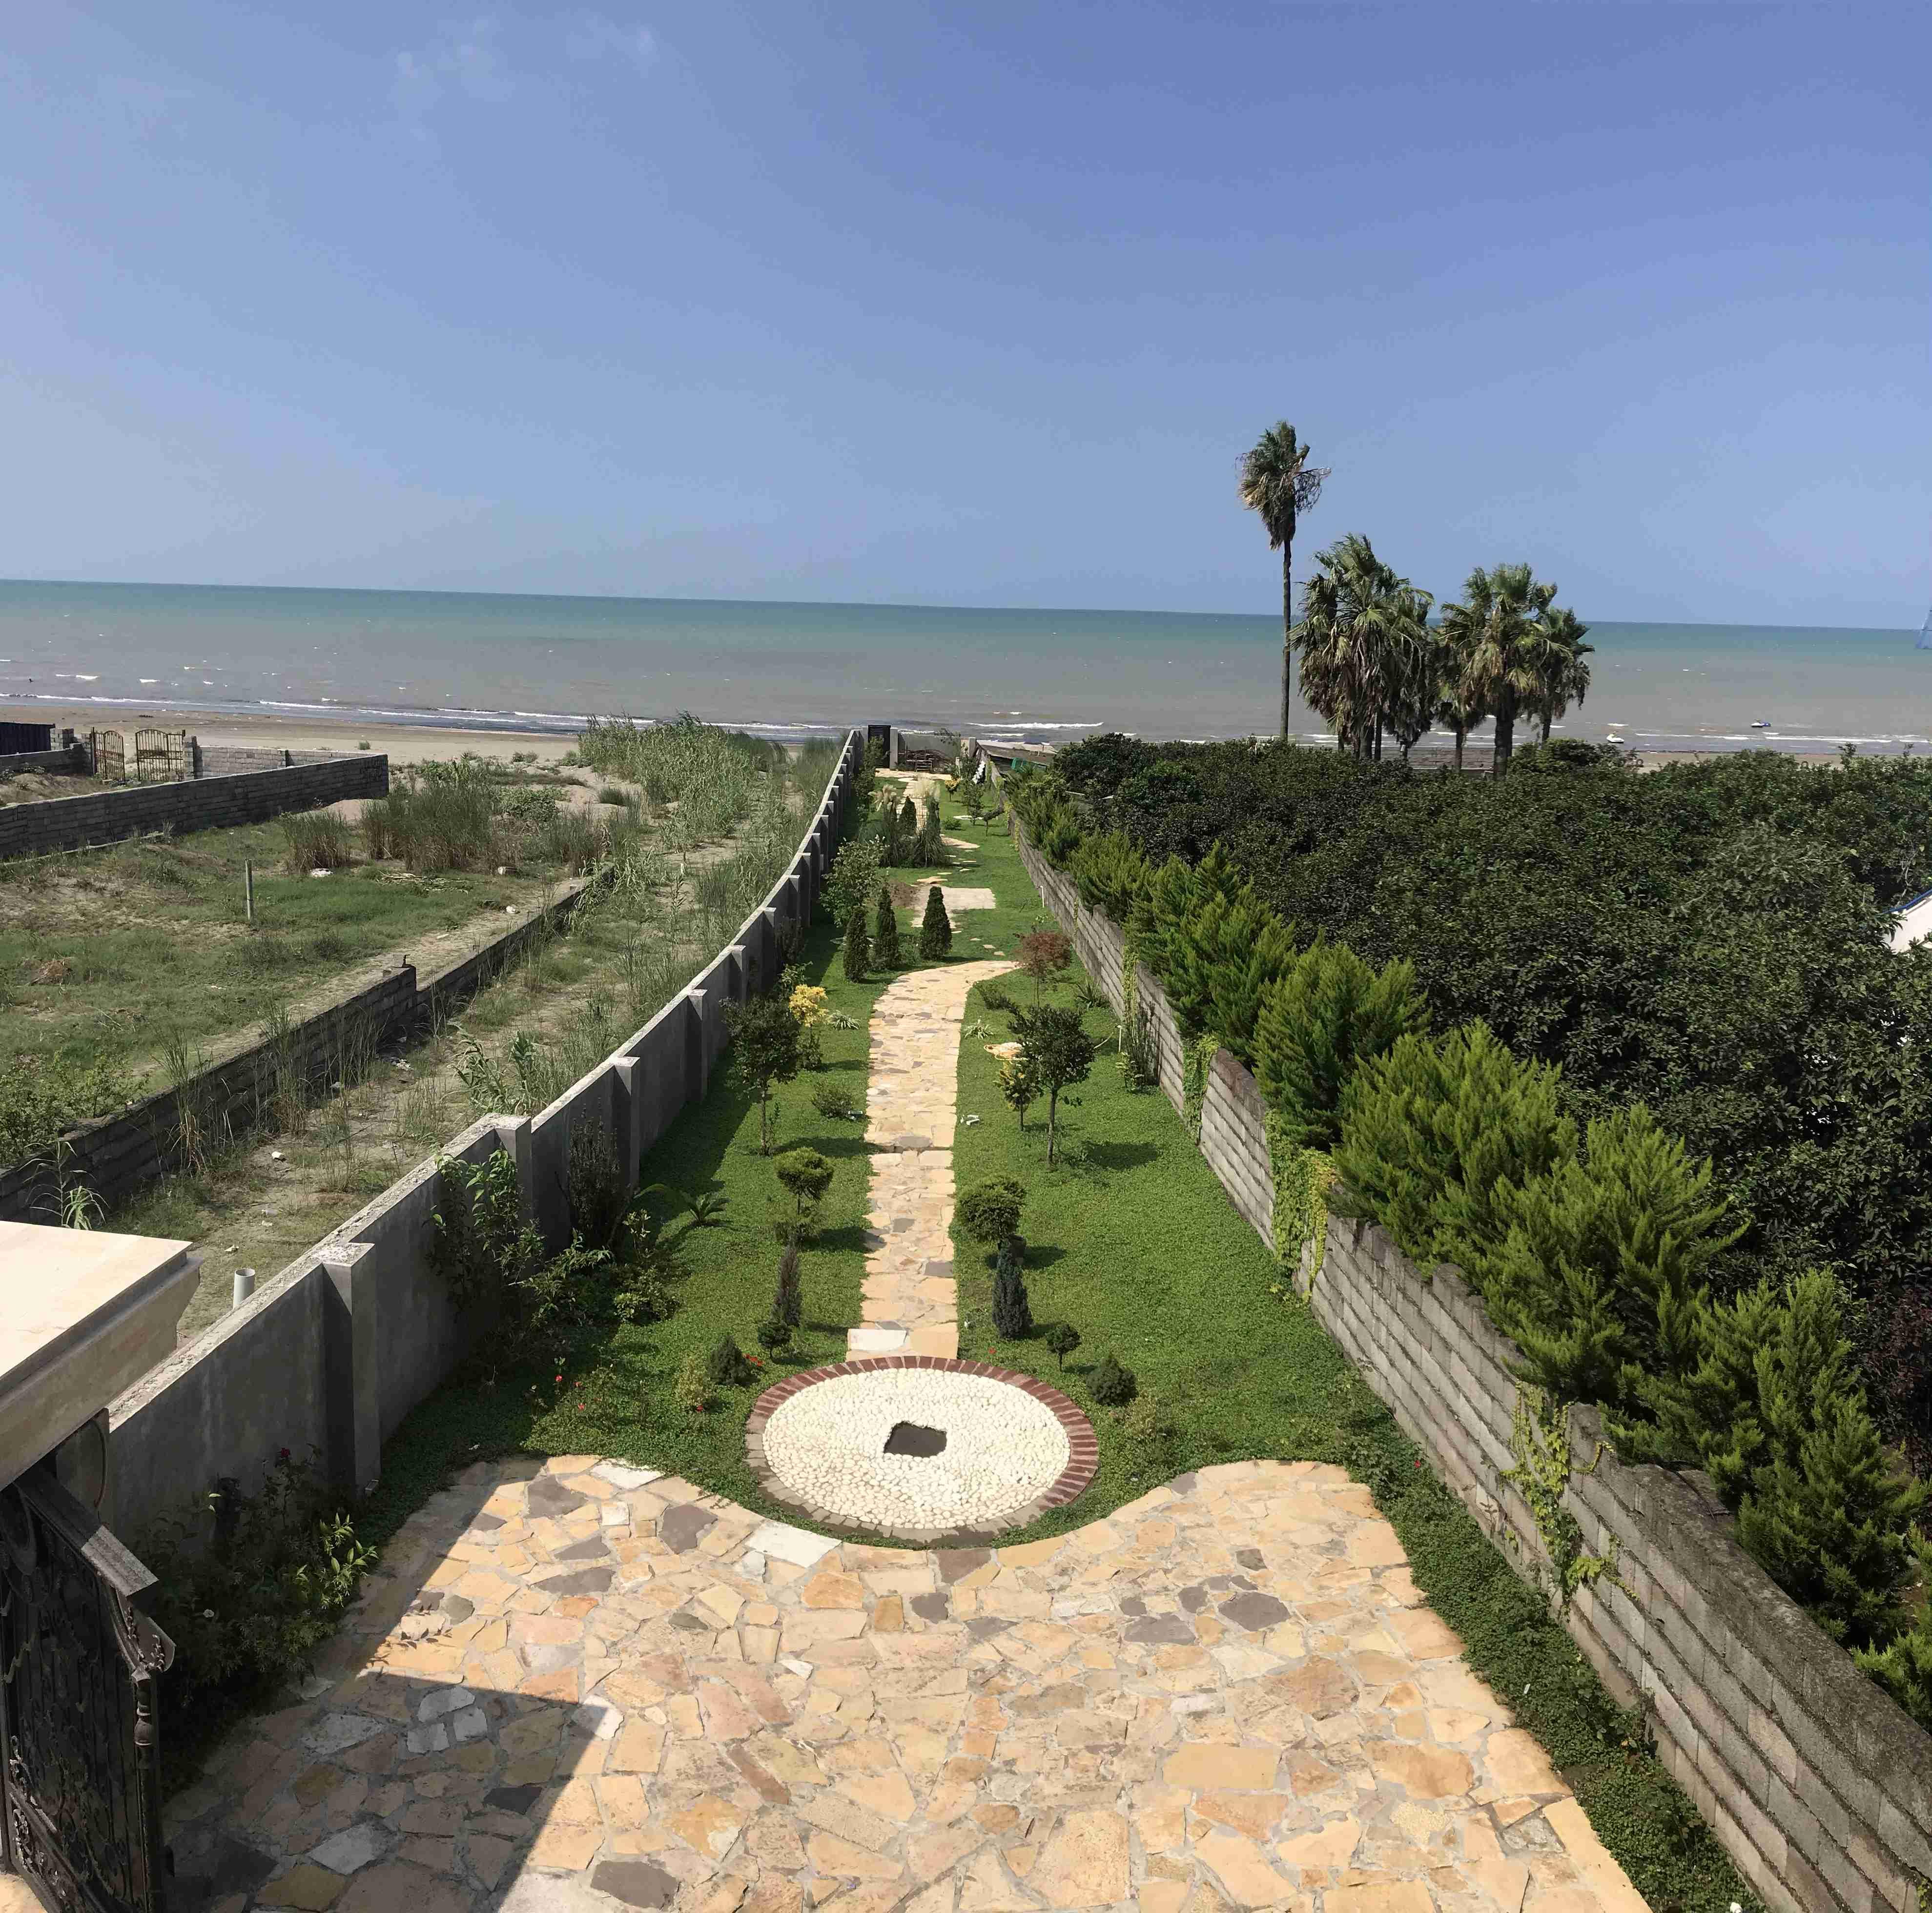 ساحلی ویلا ساحلی رستم رود نور - مازندران